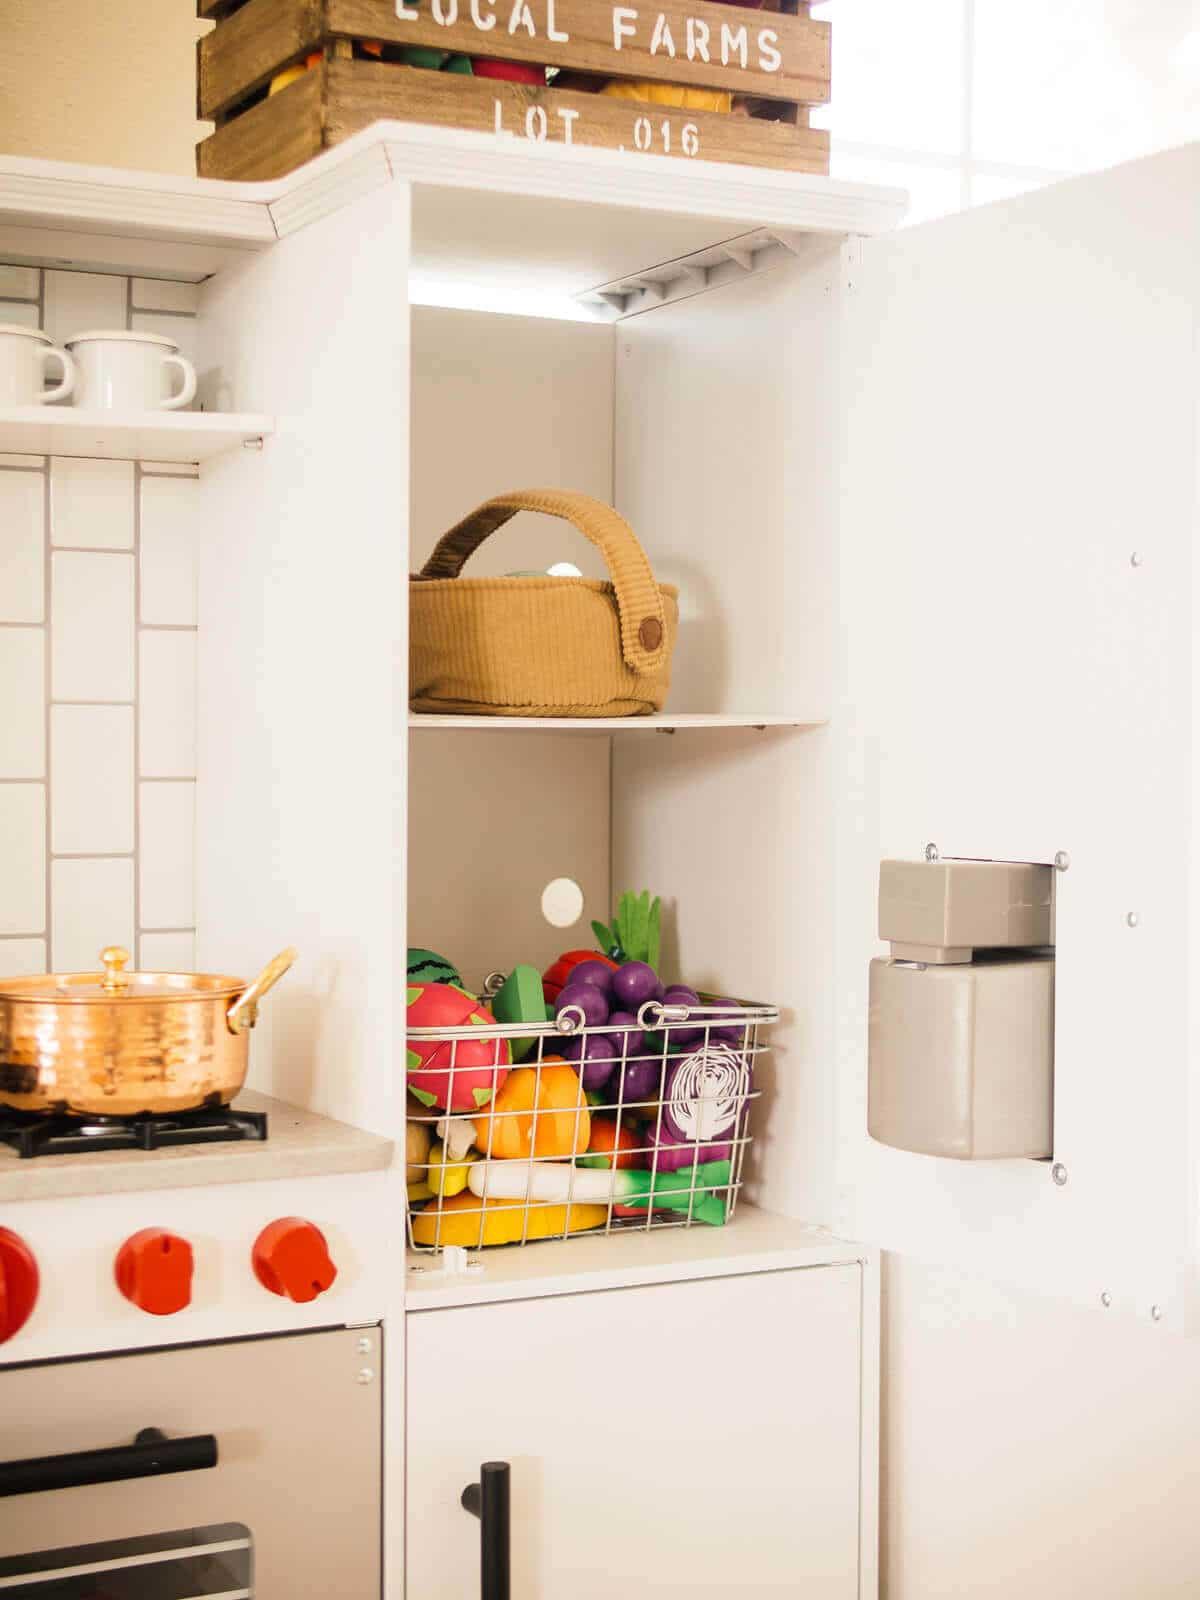 Shelf added to play fridge for extra storage